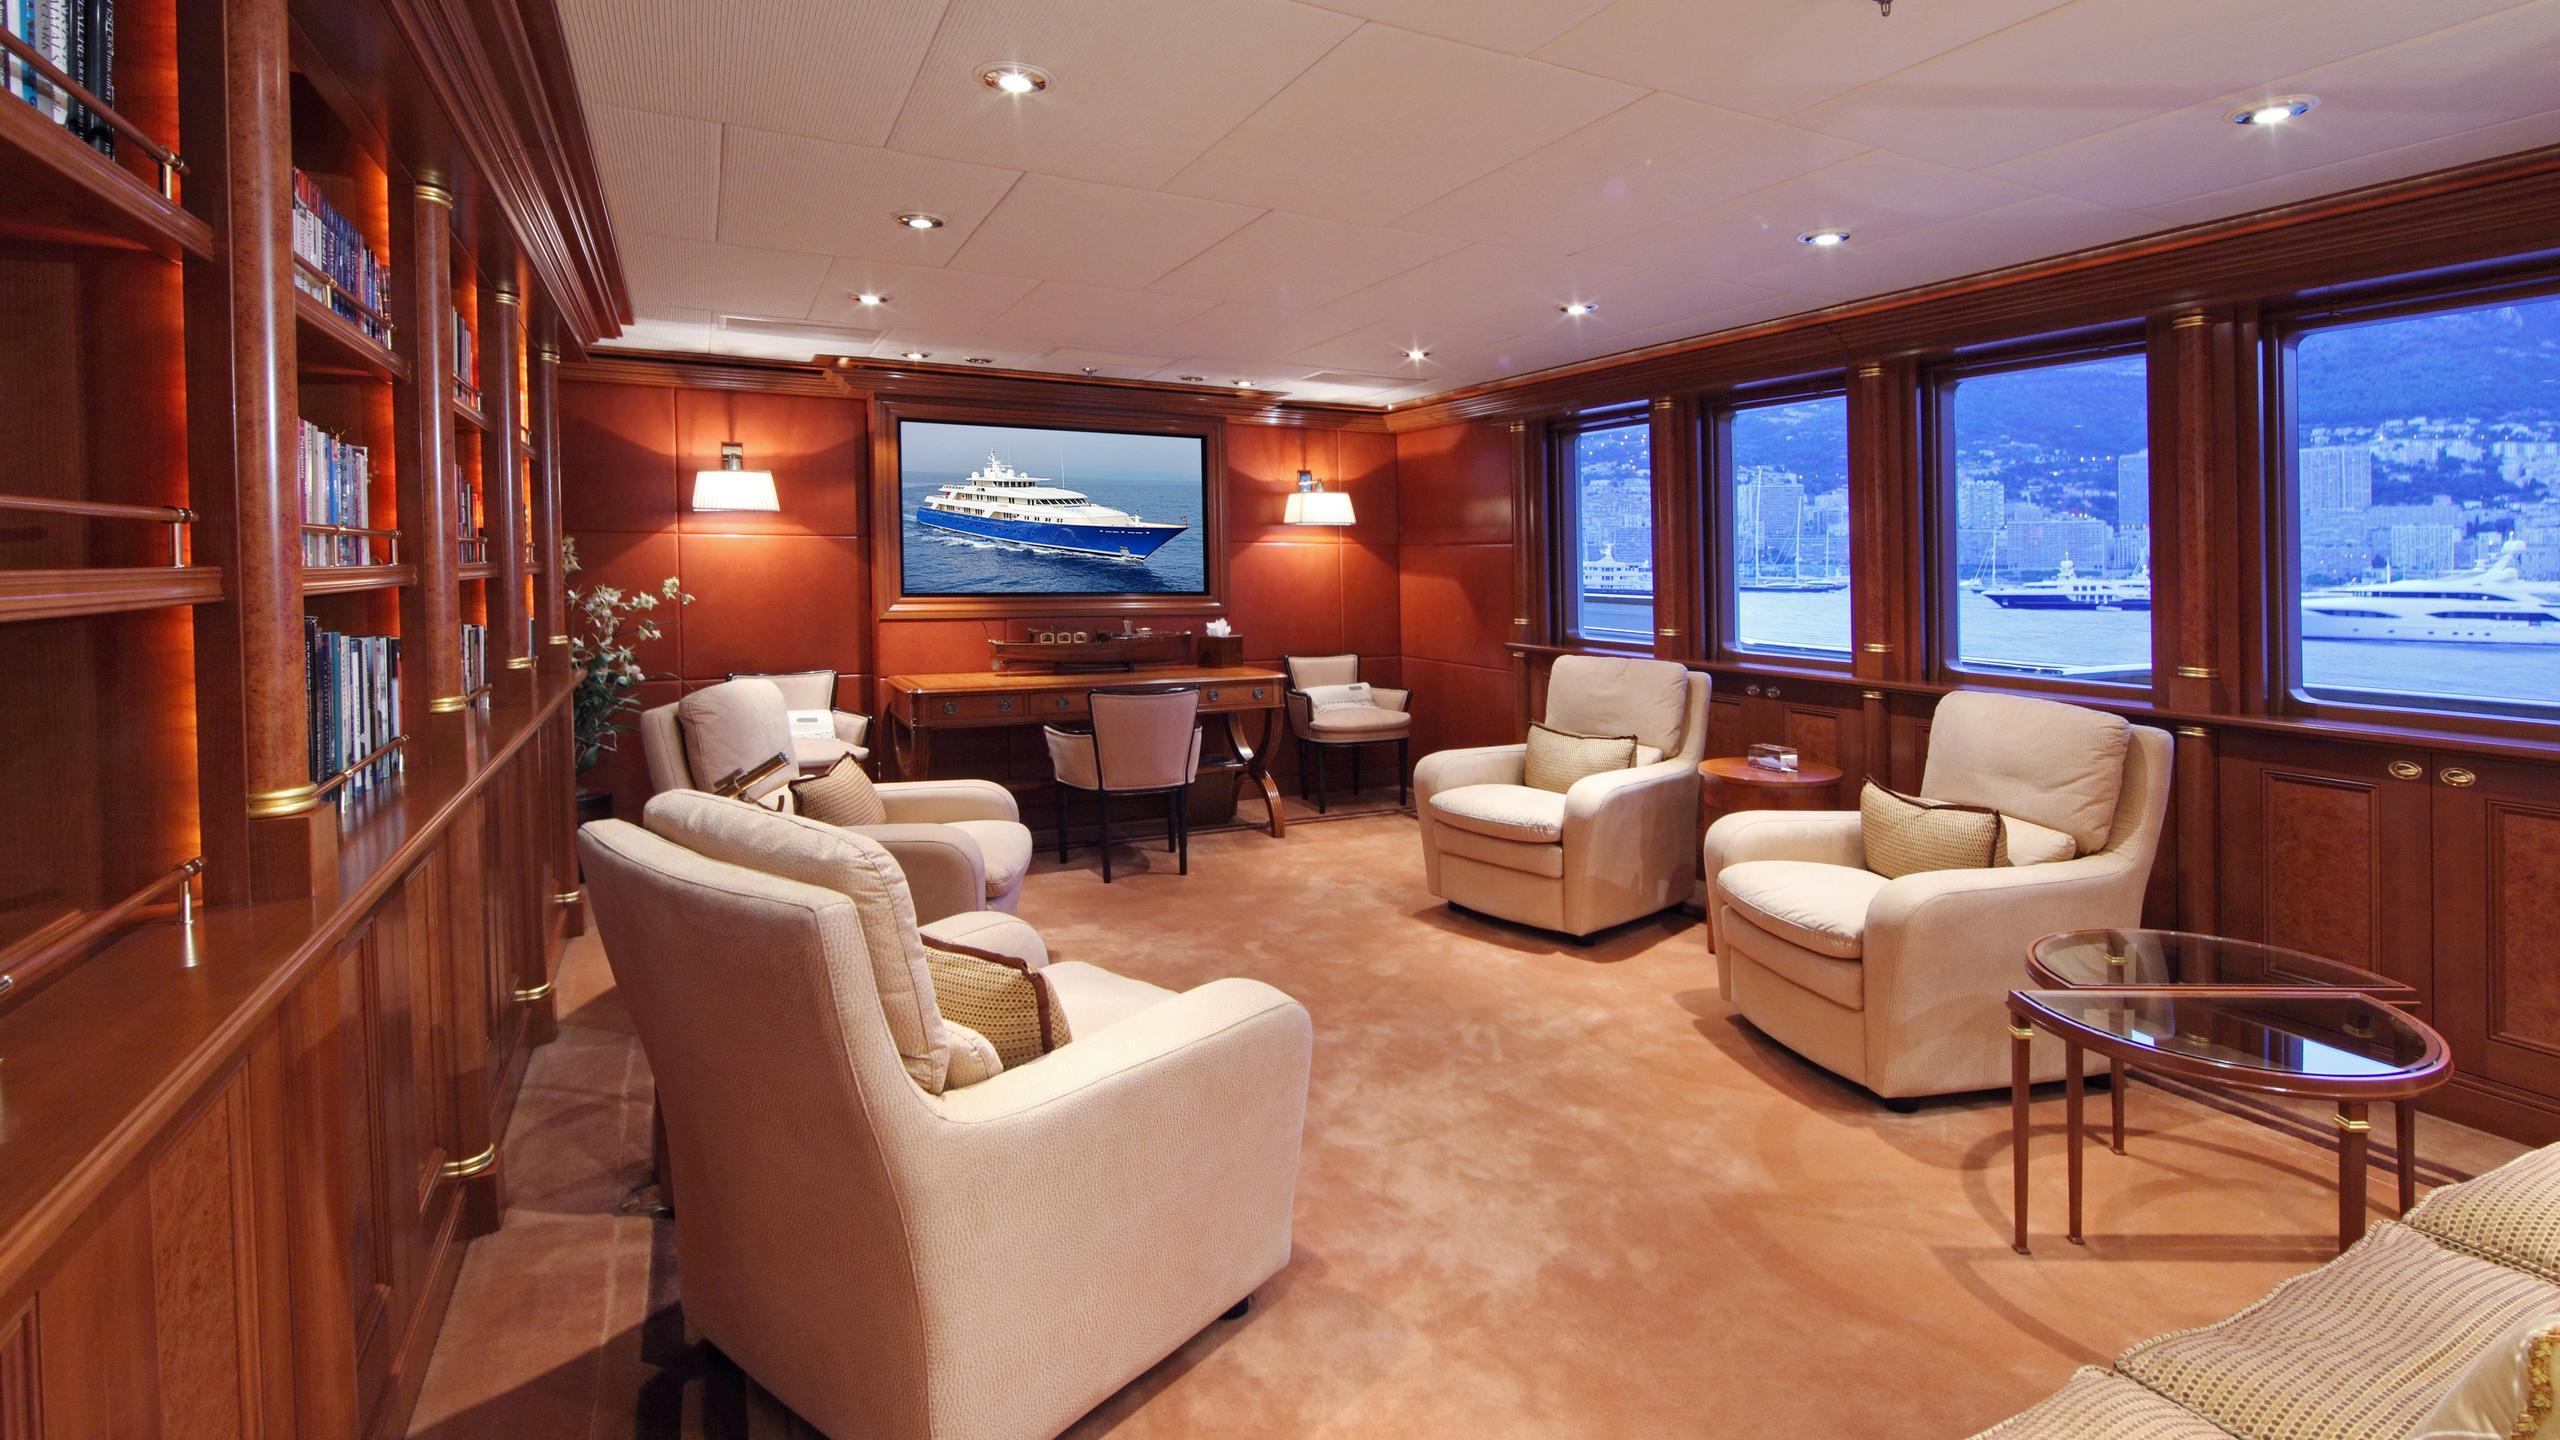 laurel-motor-yacht-delta-marine-2006-73m-library-media-room